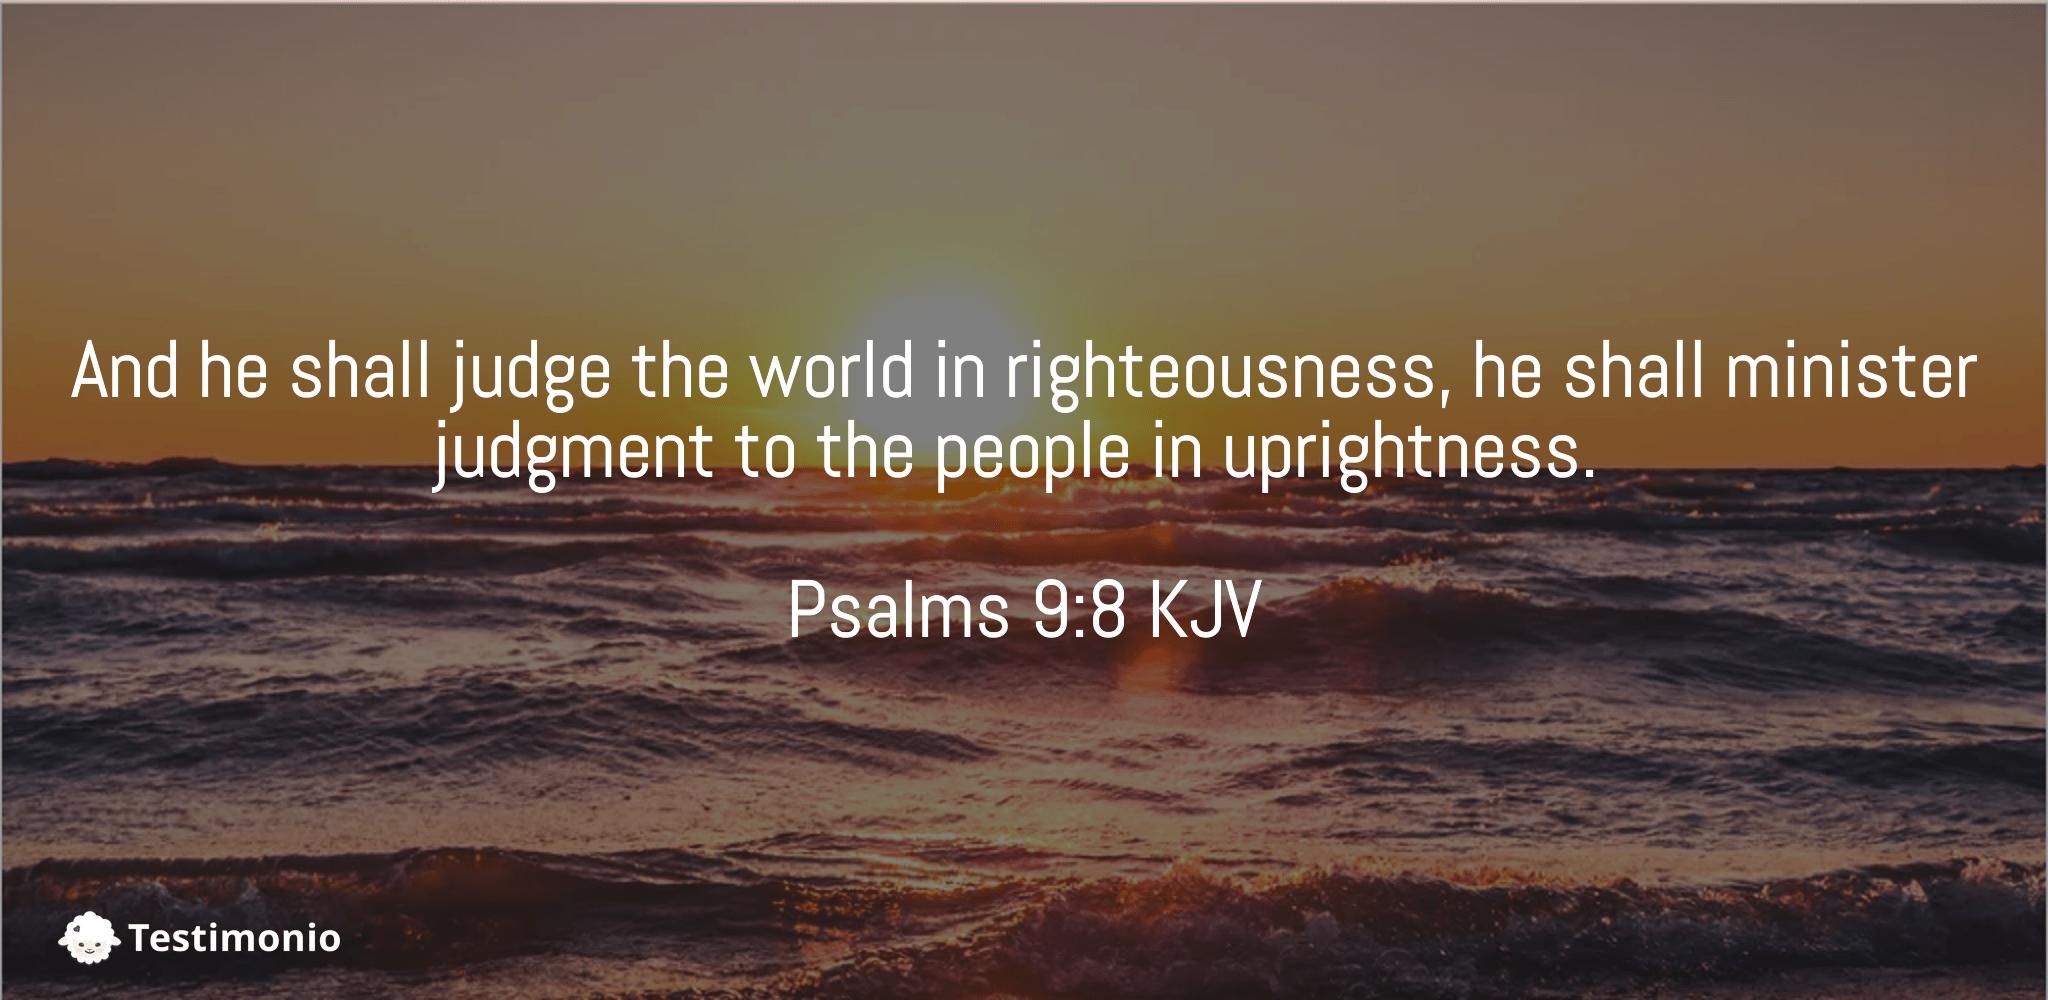 Psalms 9:8